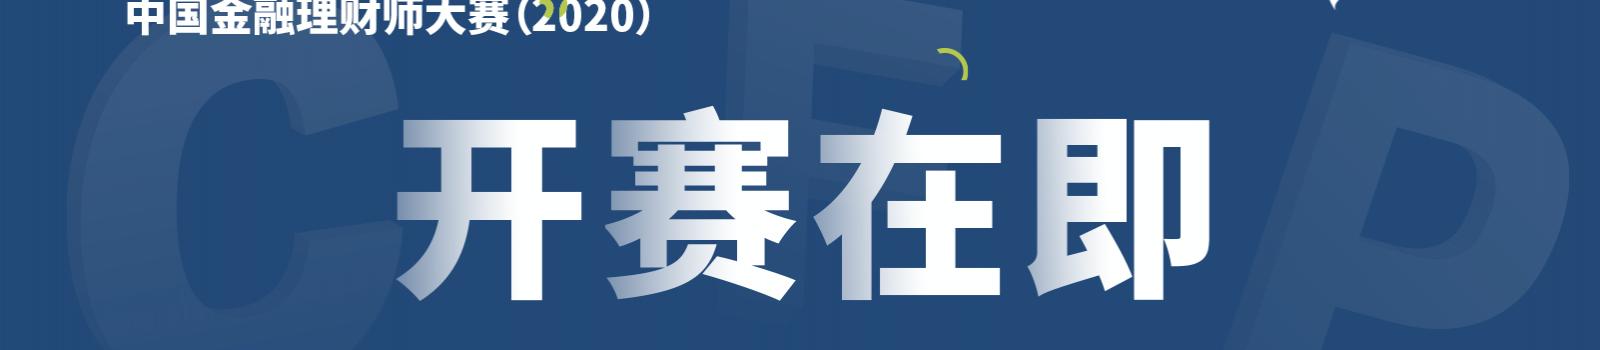 """走进""""中国金融理财师大赛""""系列——八年历练,金融理财的荣耀竞技场"""